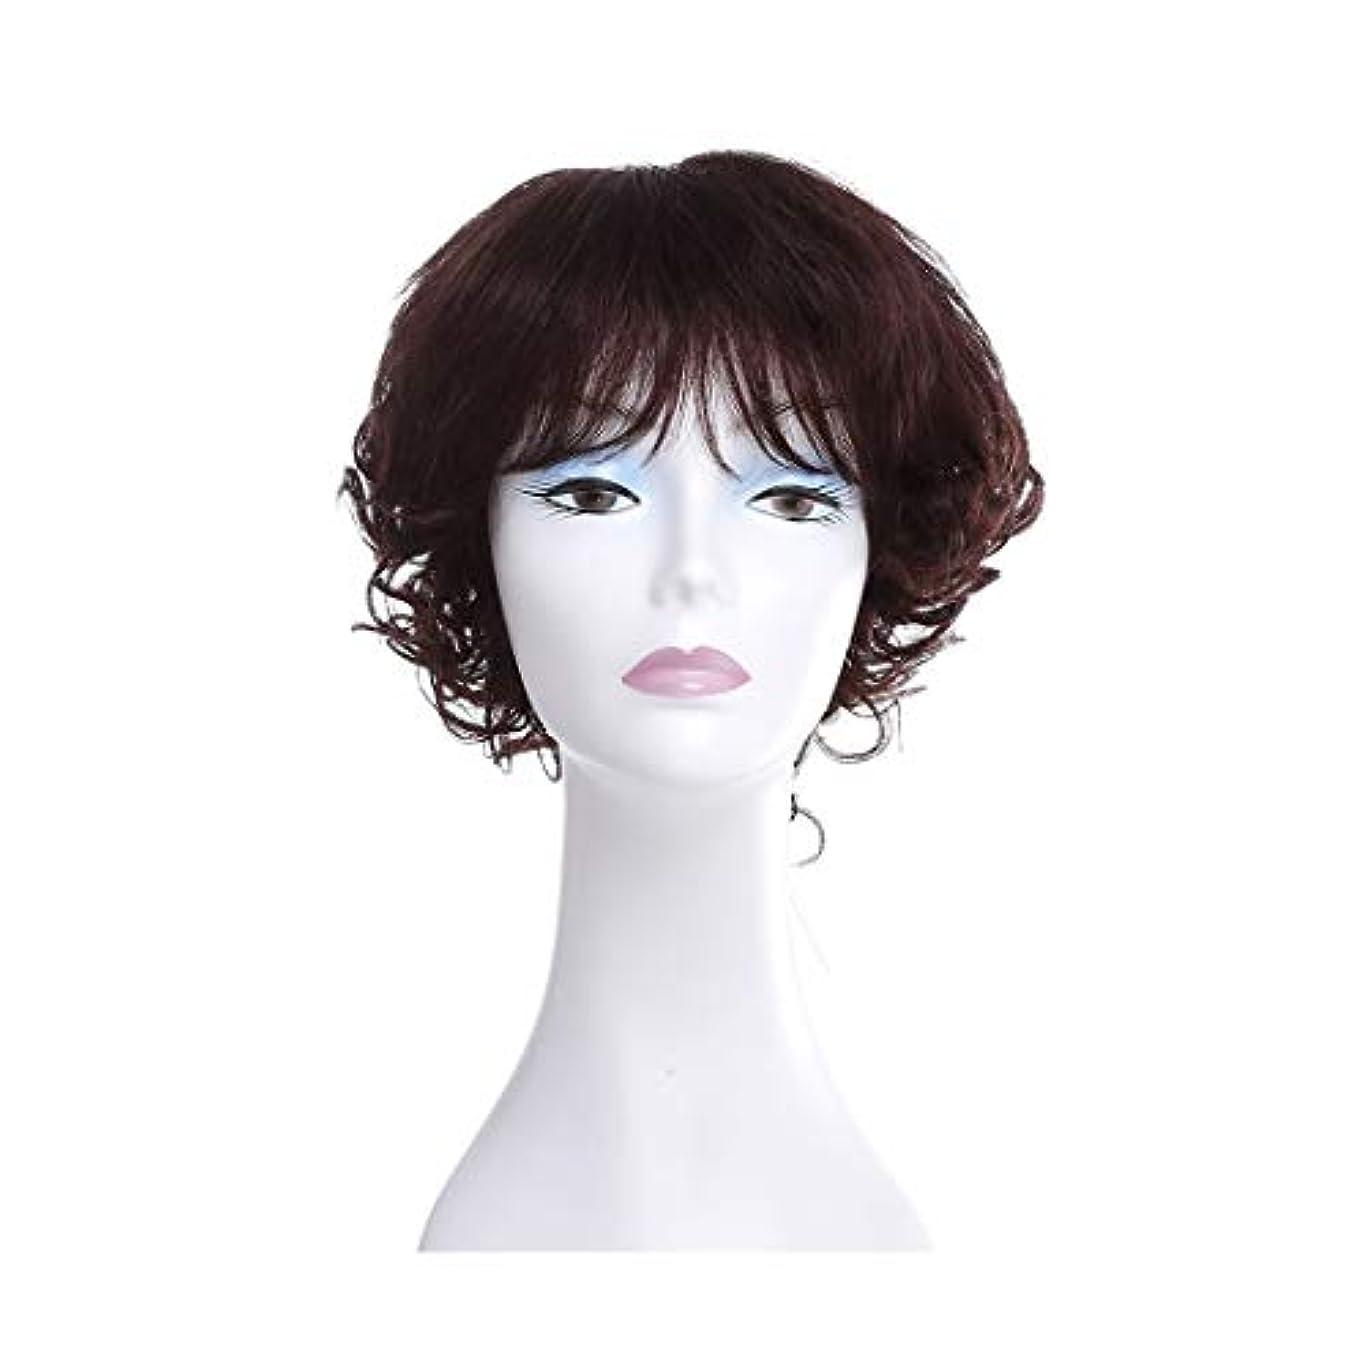 影のある比率役割YOUQIU 女性ウィッグ100%実髪ストレッチネット気質ふわふわカーリーヘアウィッグウィッグ (色 : Photo Color)